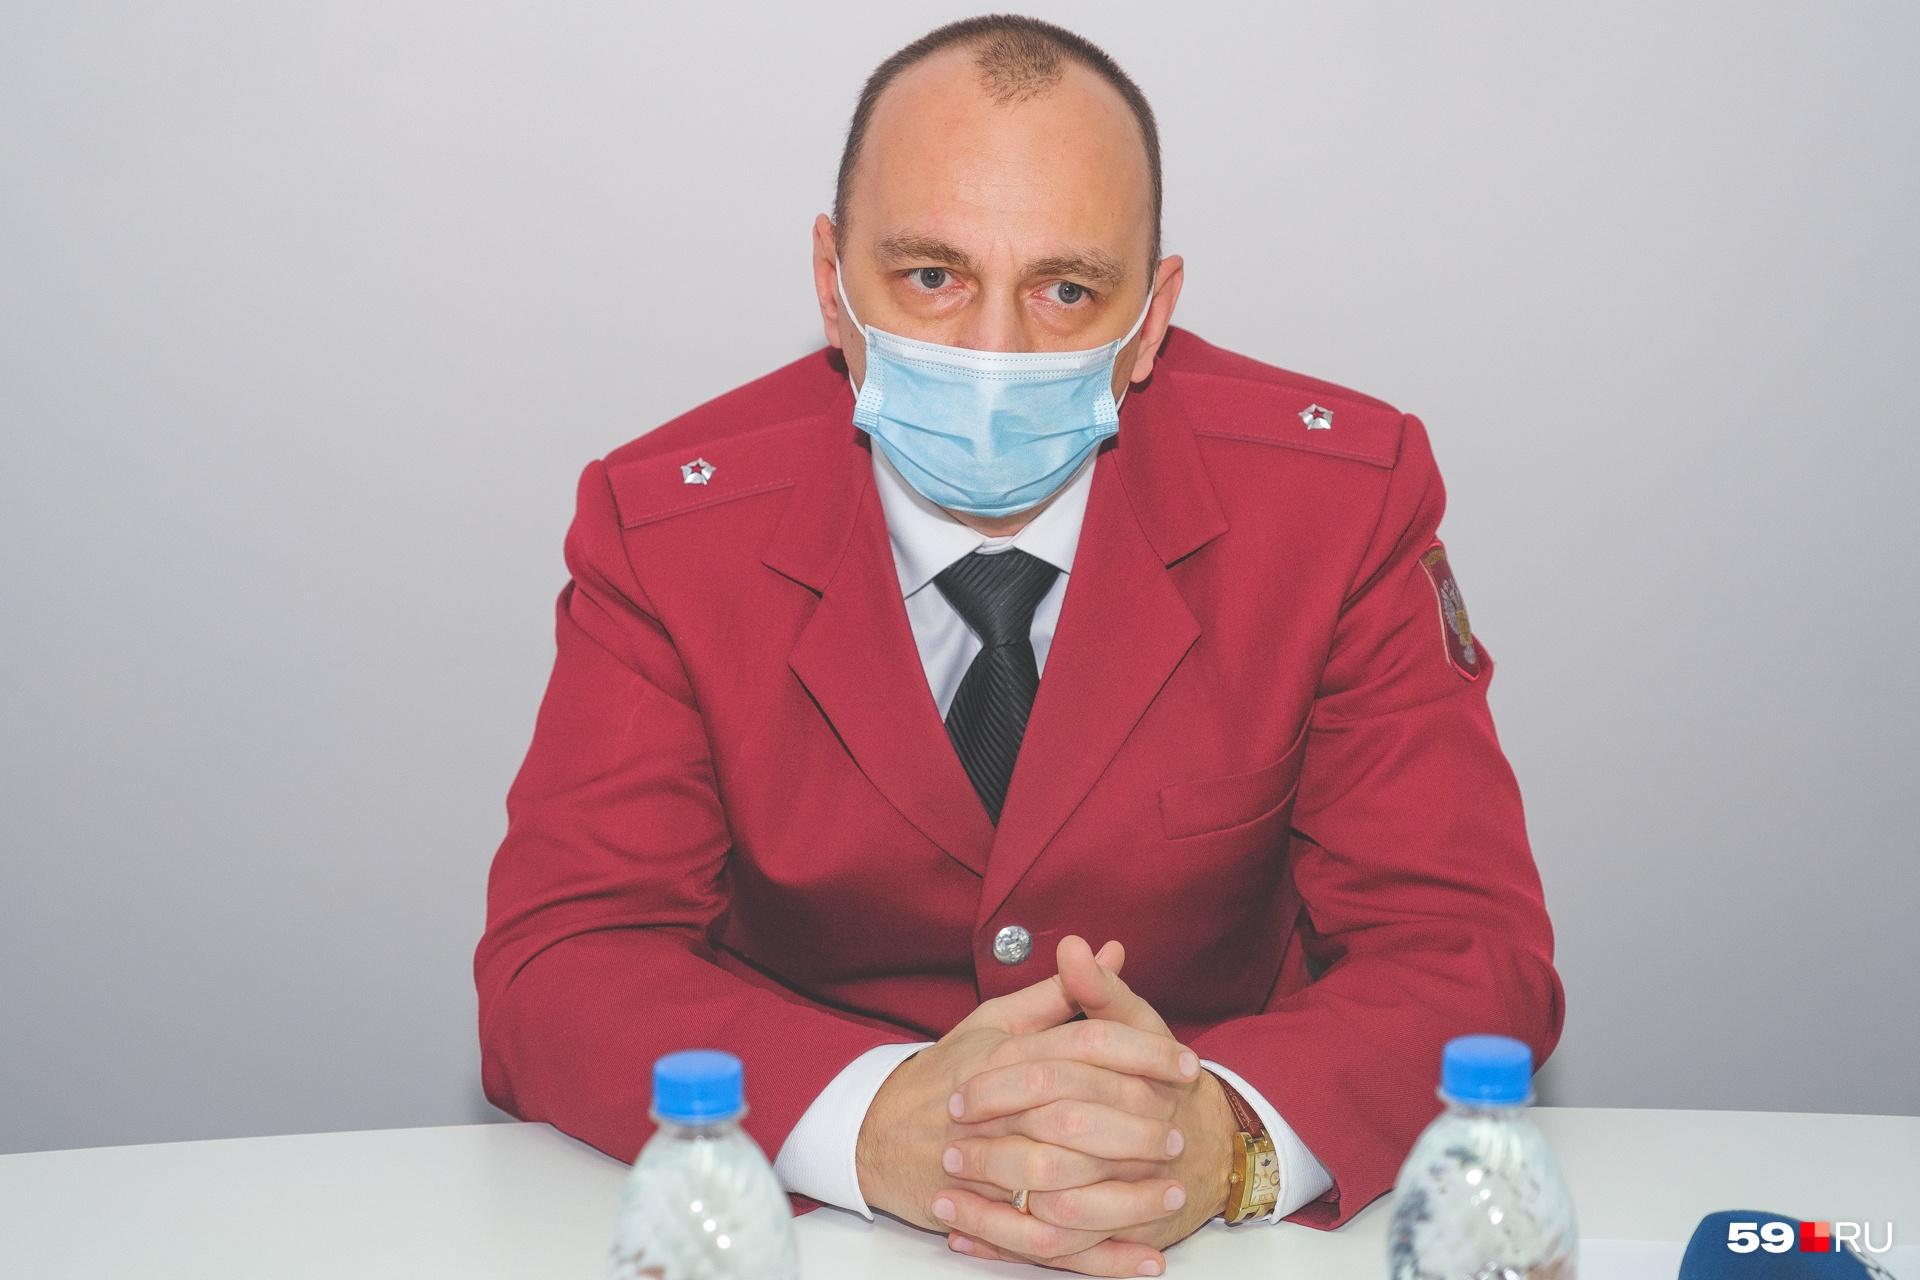 Еще один участник брифинга — главный санитарный врач Пермского края Виталий Костарев